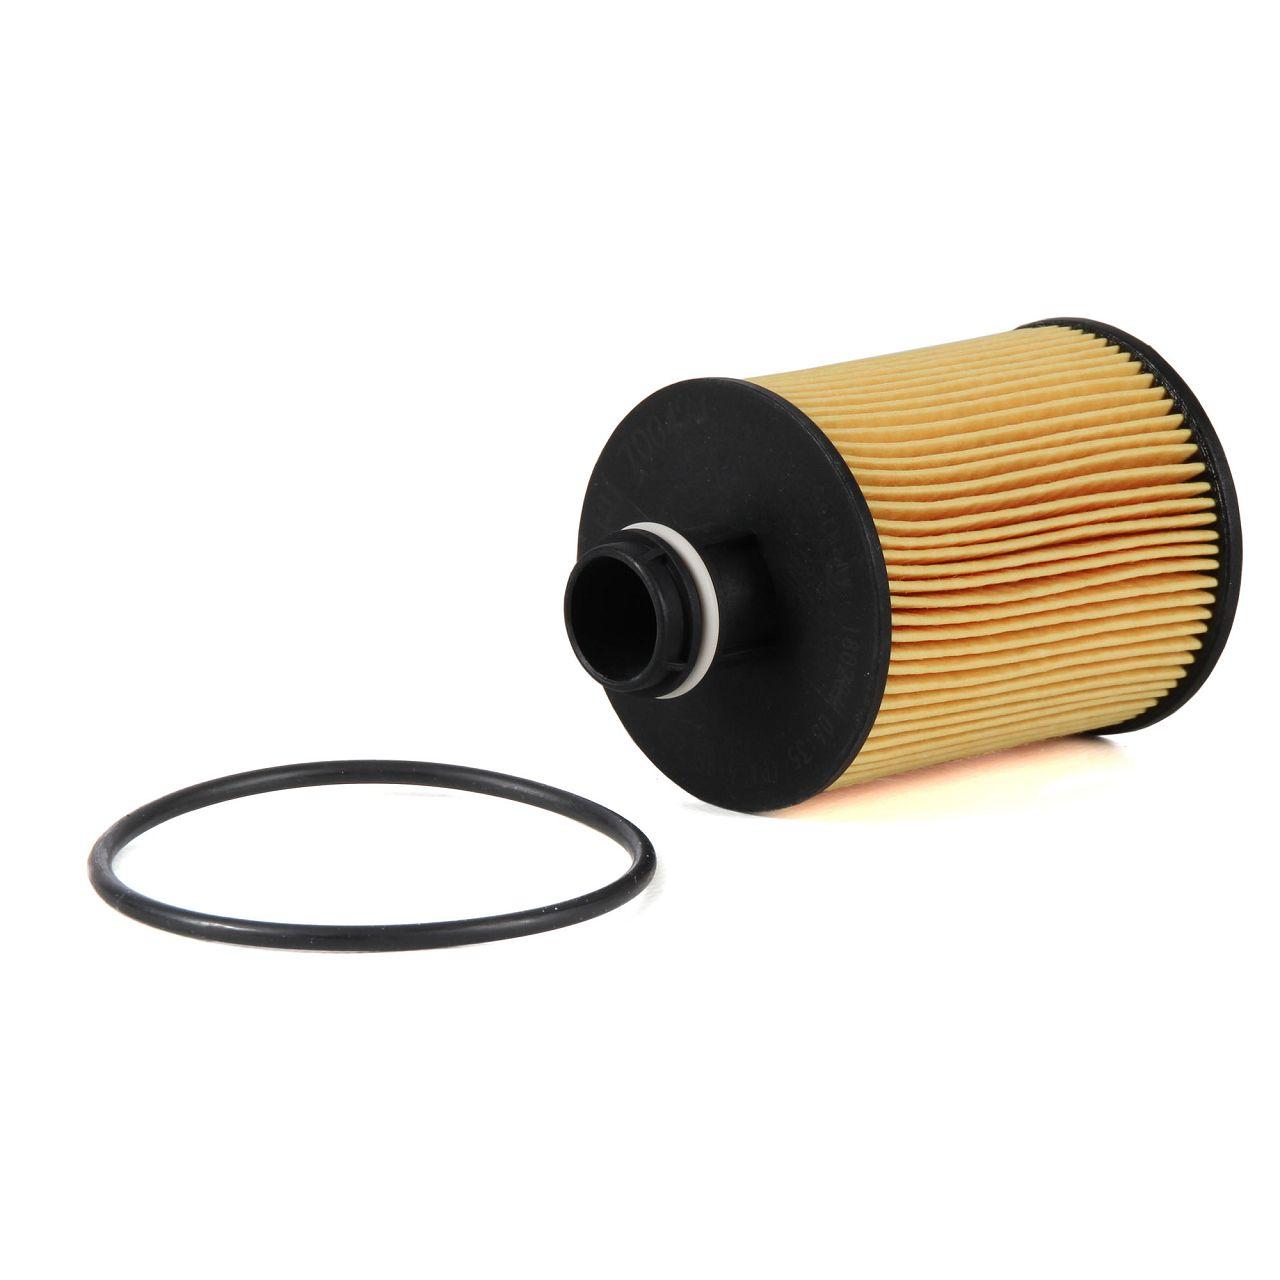 MANN Inspektionskit Filterpaket Filterset für OPEL CORSA D 1.3 CDTI 75 / 95 PS